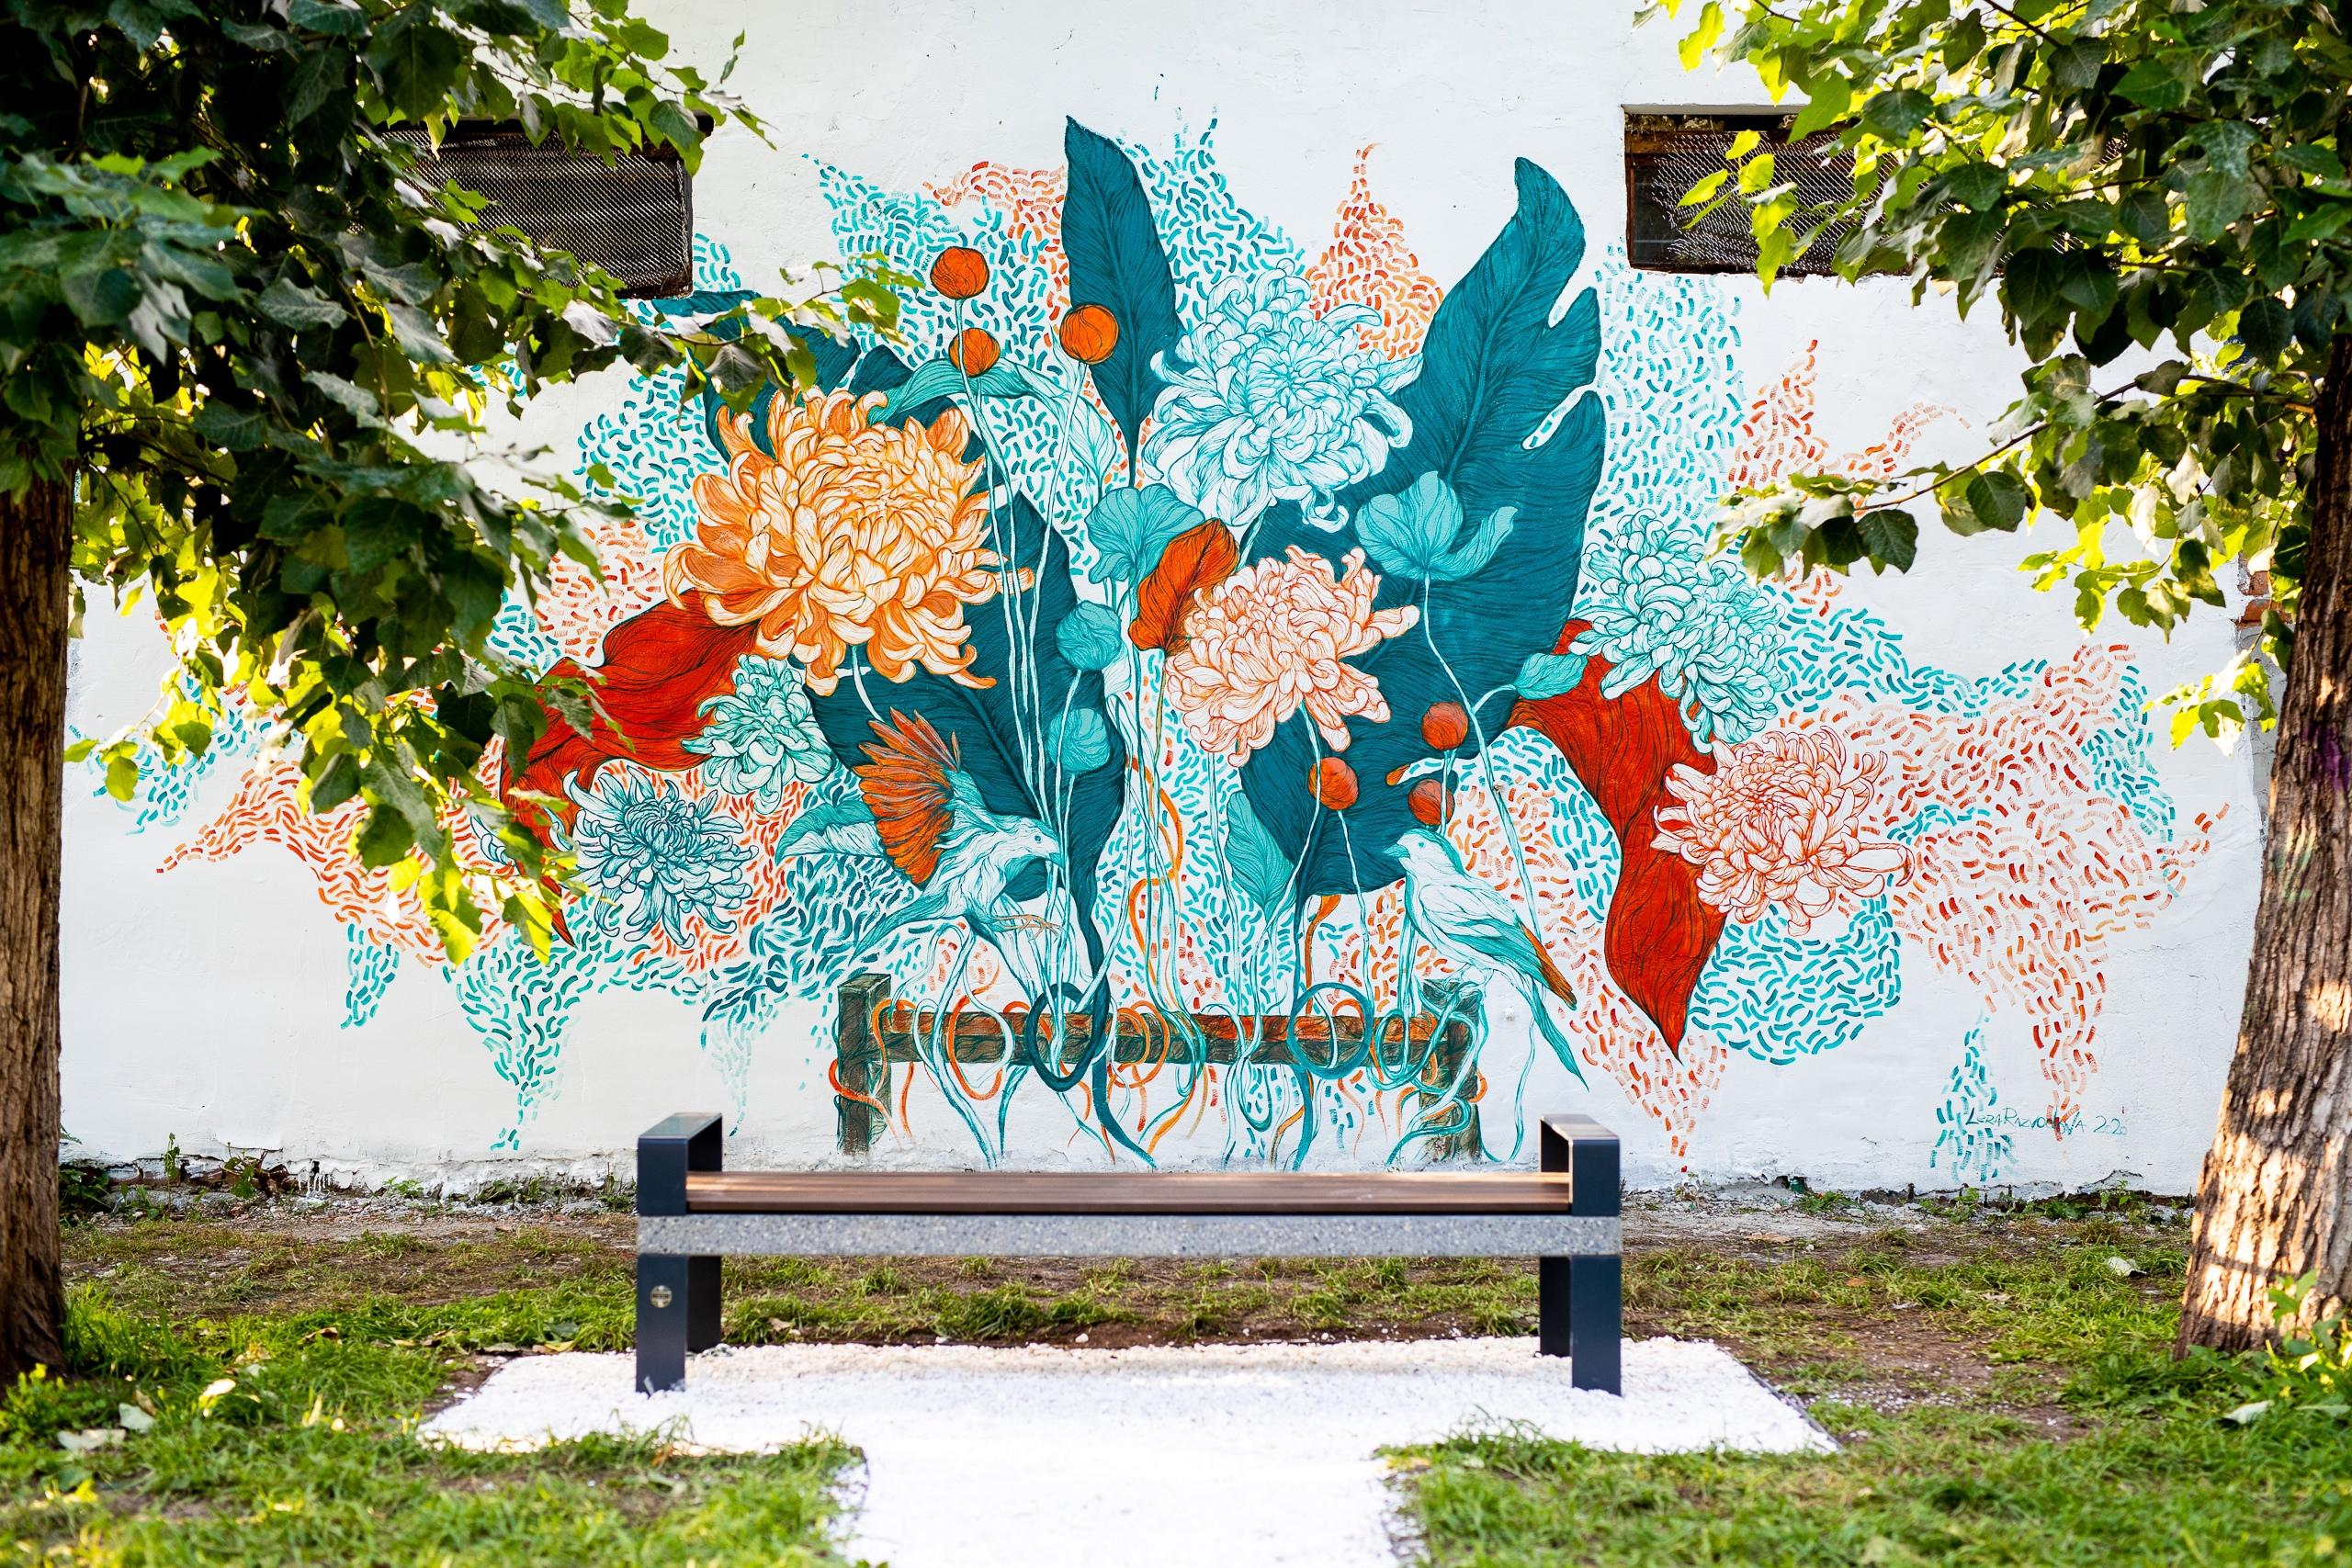 «Стенограффия» объявила набор художников: организаторы ждут новые идеи